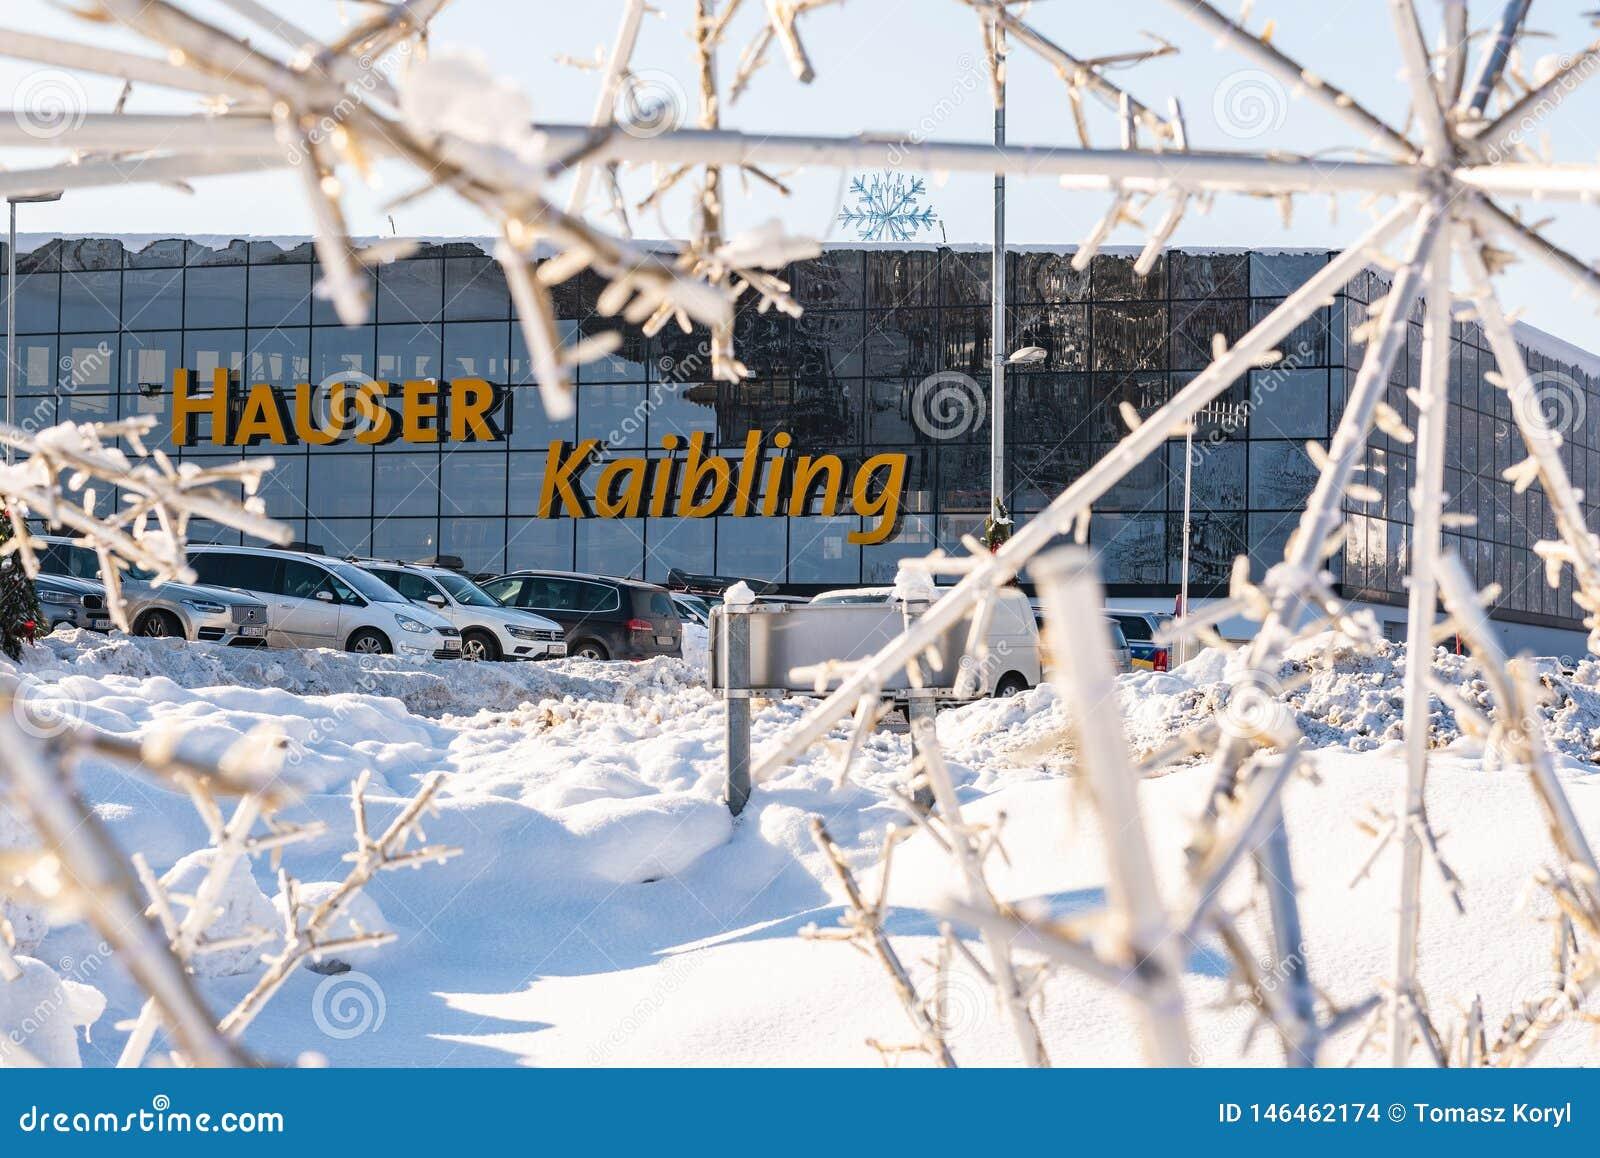 Χώρος στάθμευσης αυτοκινήτων μπροστά από το σταθμό Hauser Kaibling σκι - ένα από τα τοπ χιονοδρομικά κέντρα της Αυστρίας